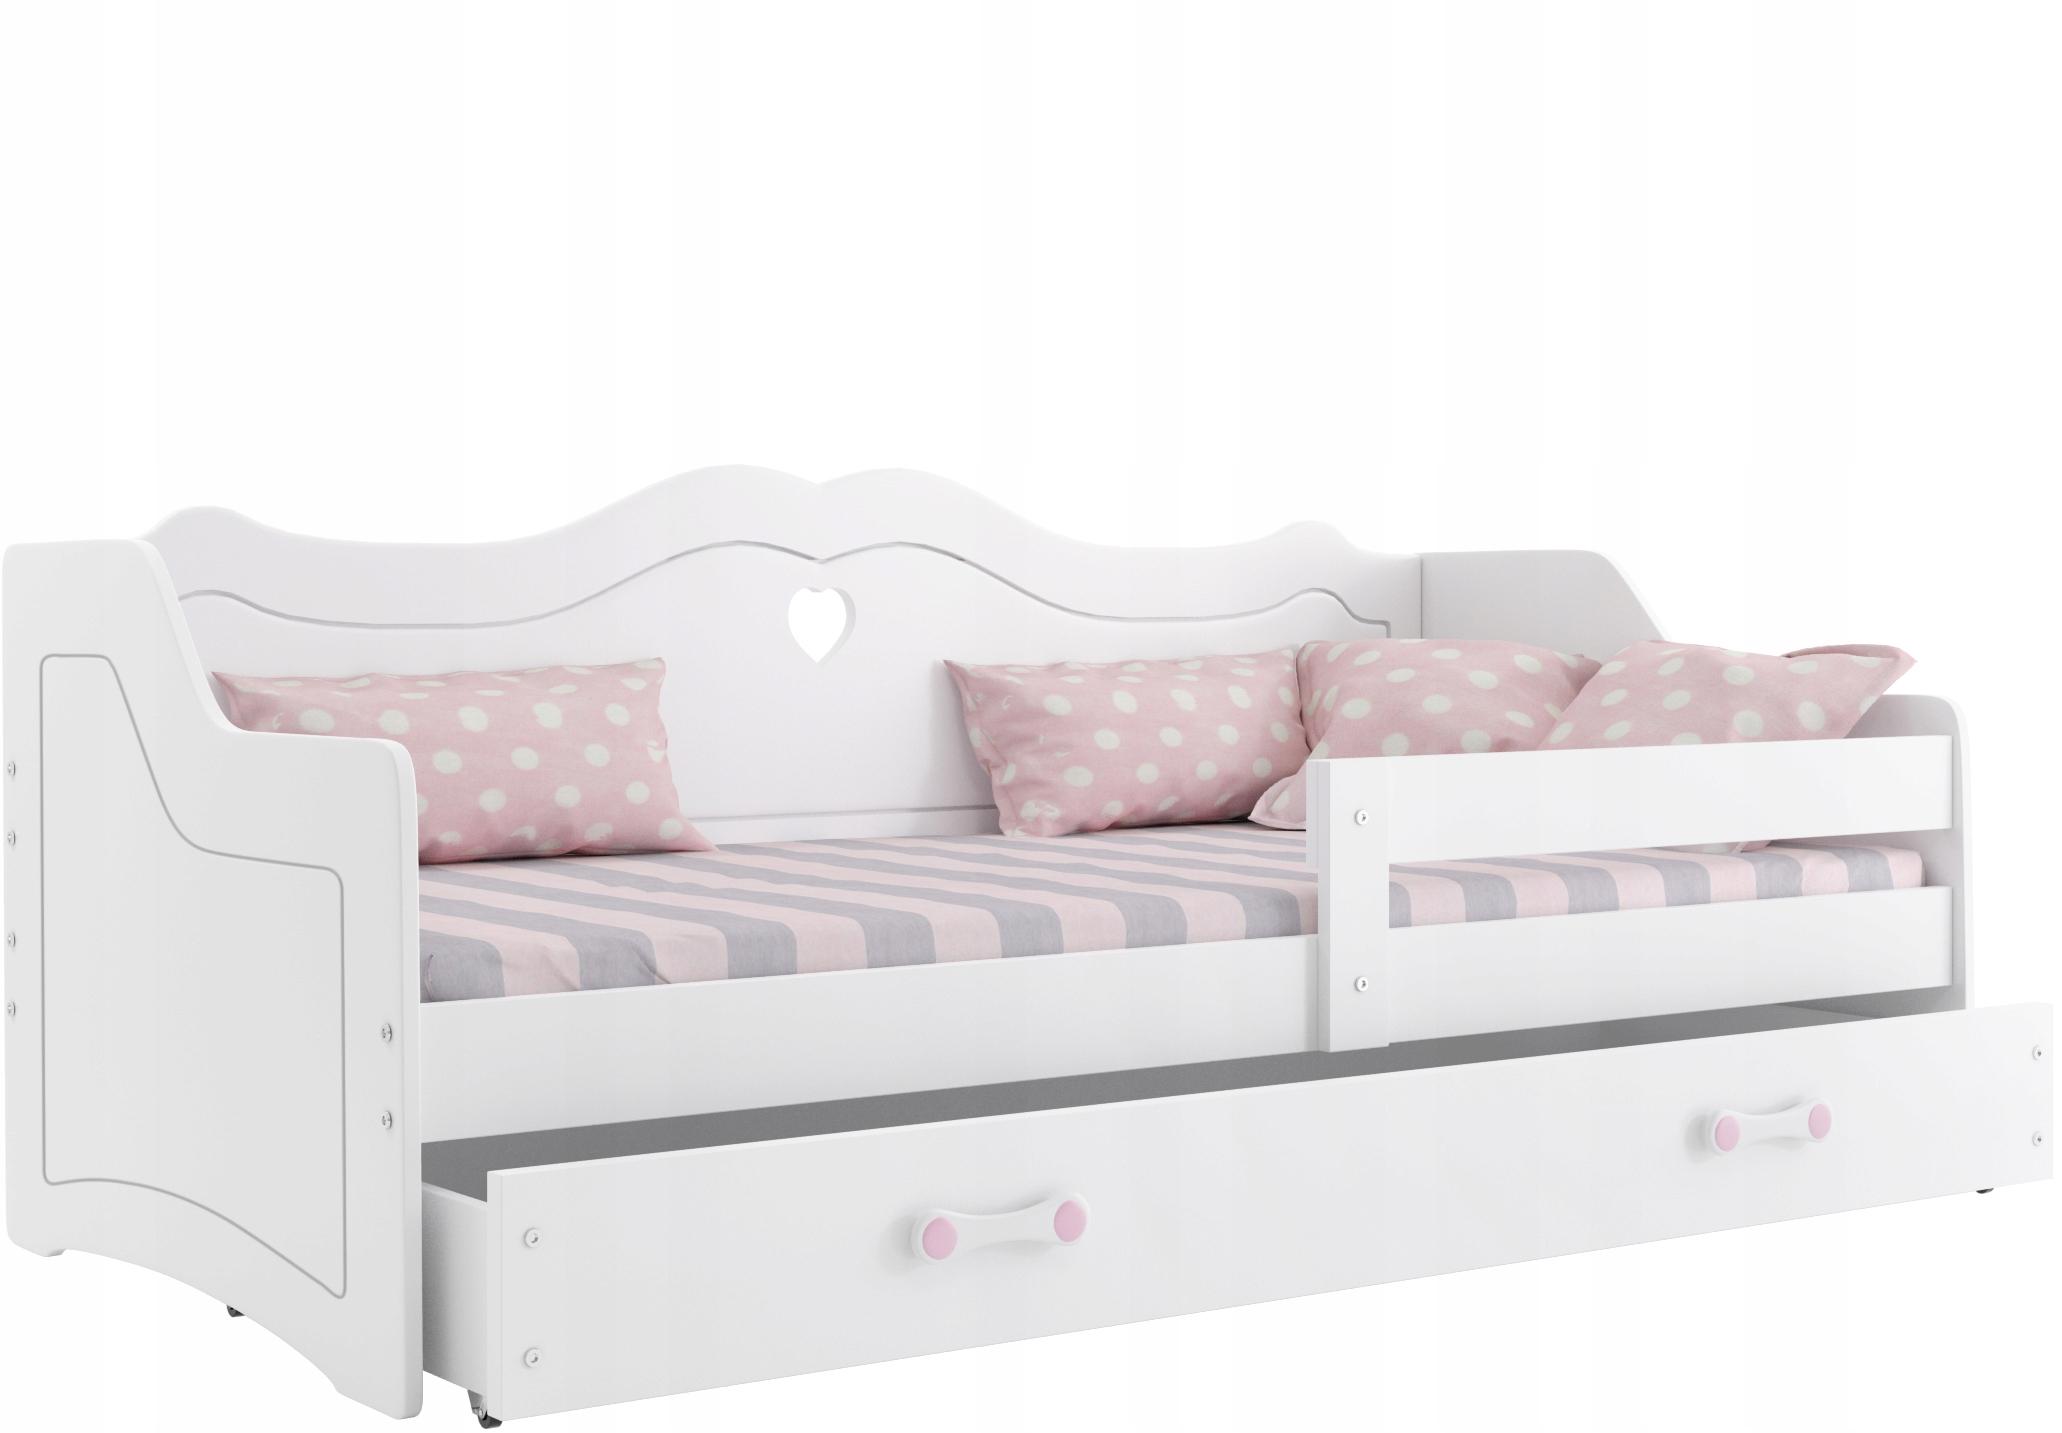 Детская кровать LILI 160x80 белая Julia + матрас